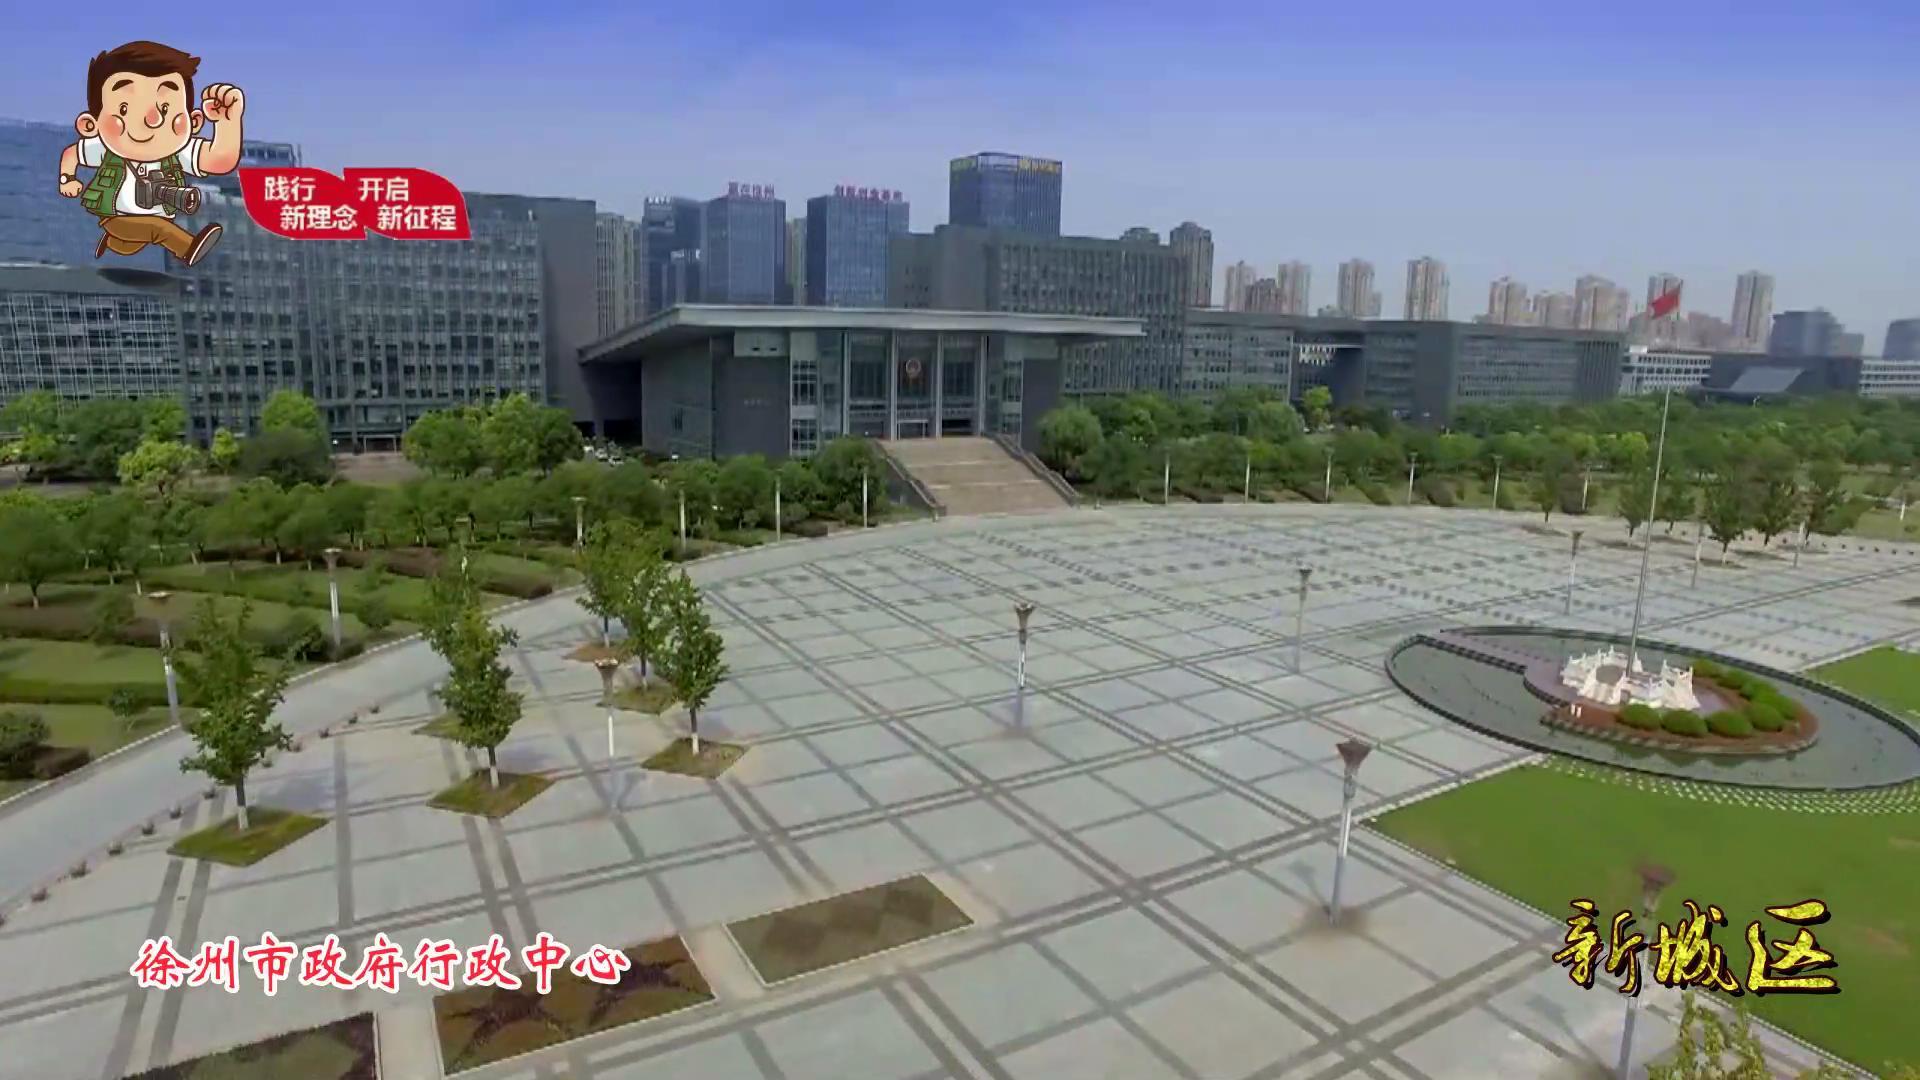 徐州学校-视频徐州升学率资讯v学校初中大路图片